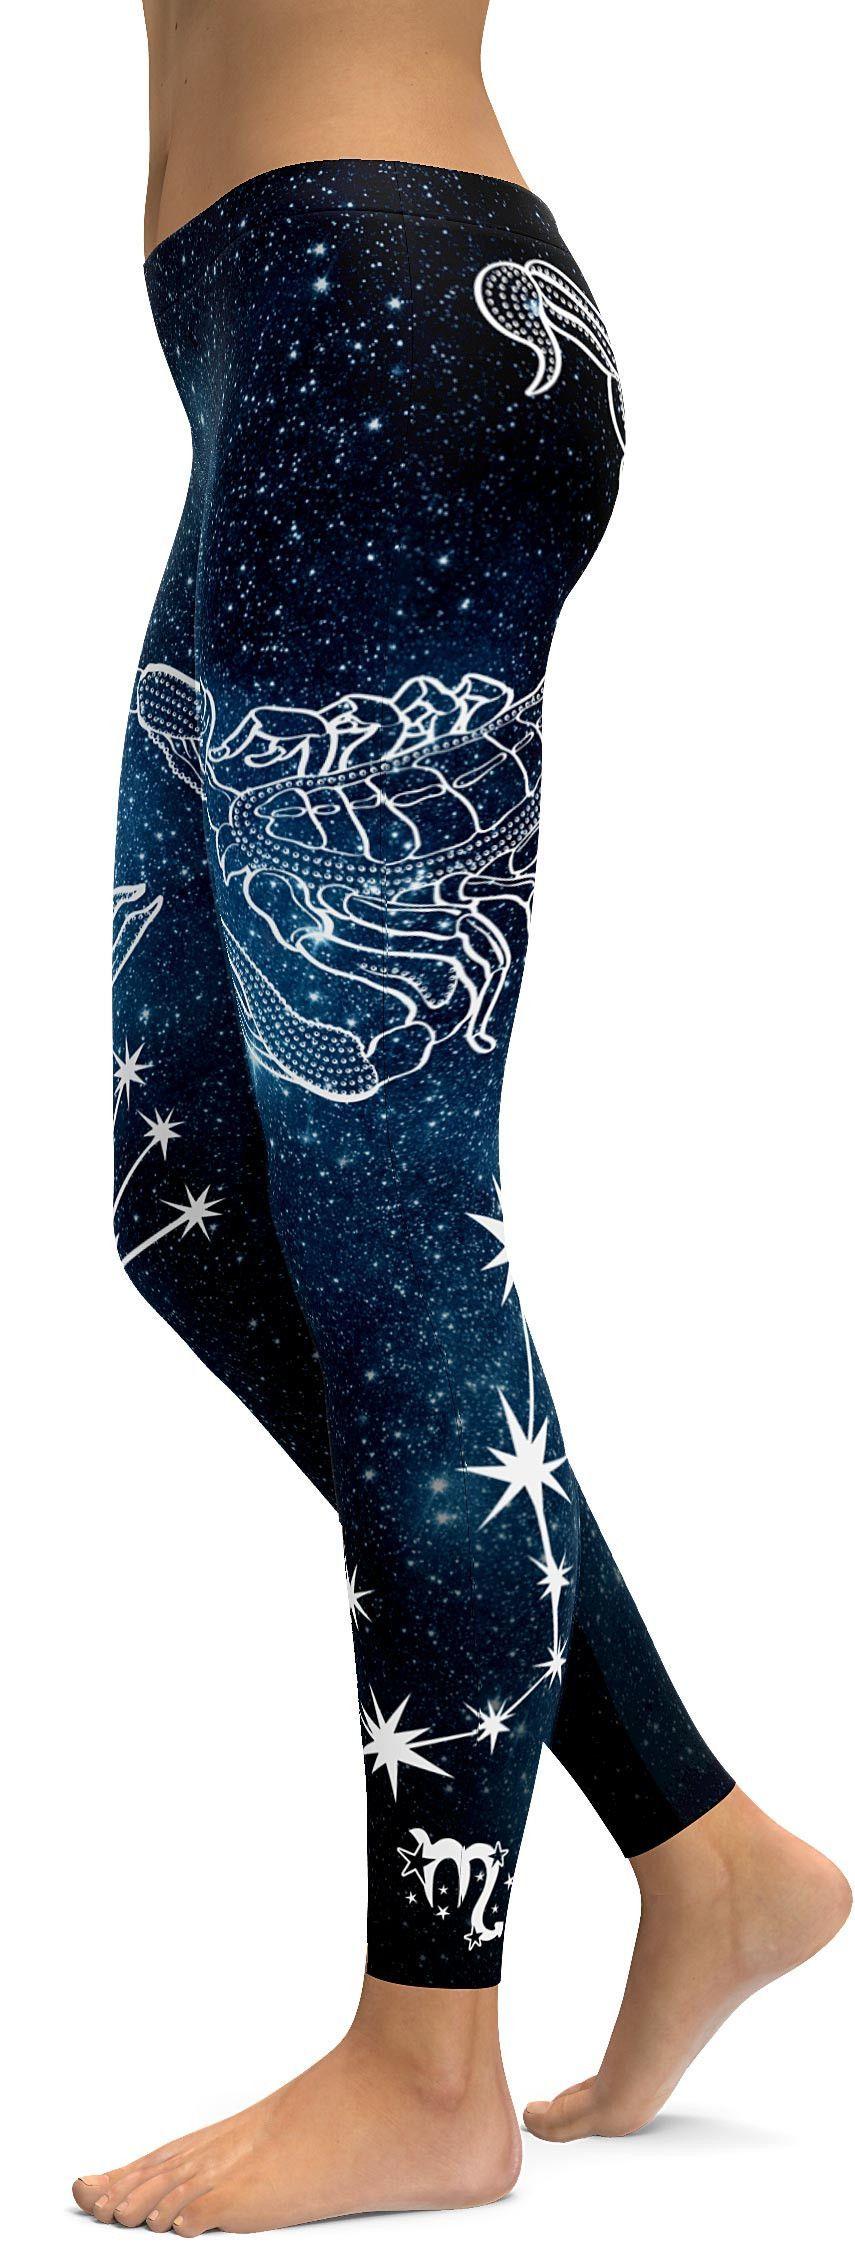 Scorpio Leggings Fashion, Leggings fashion, Fashion dresses